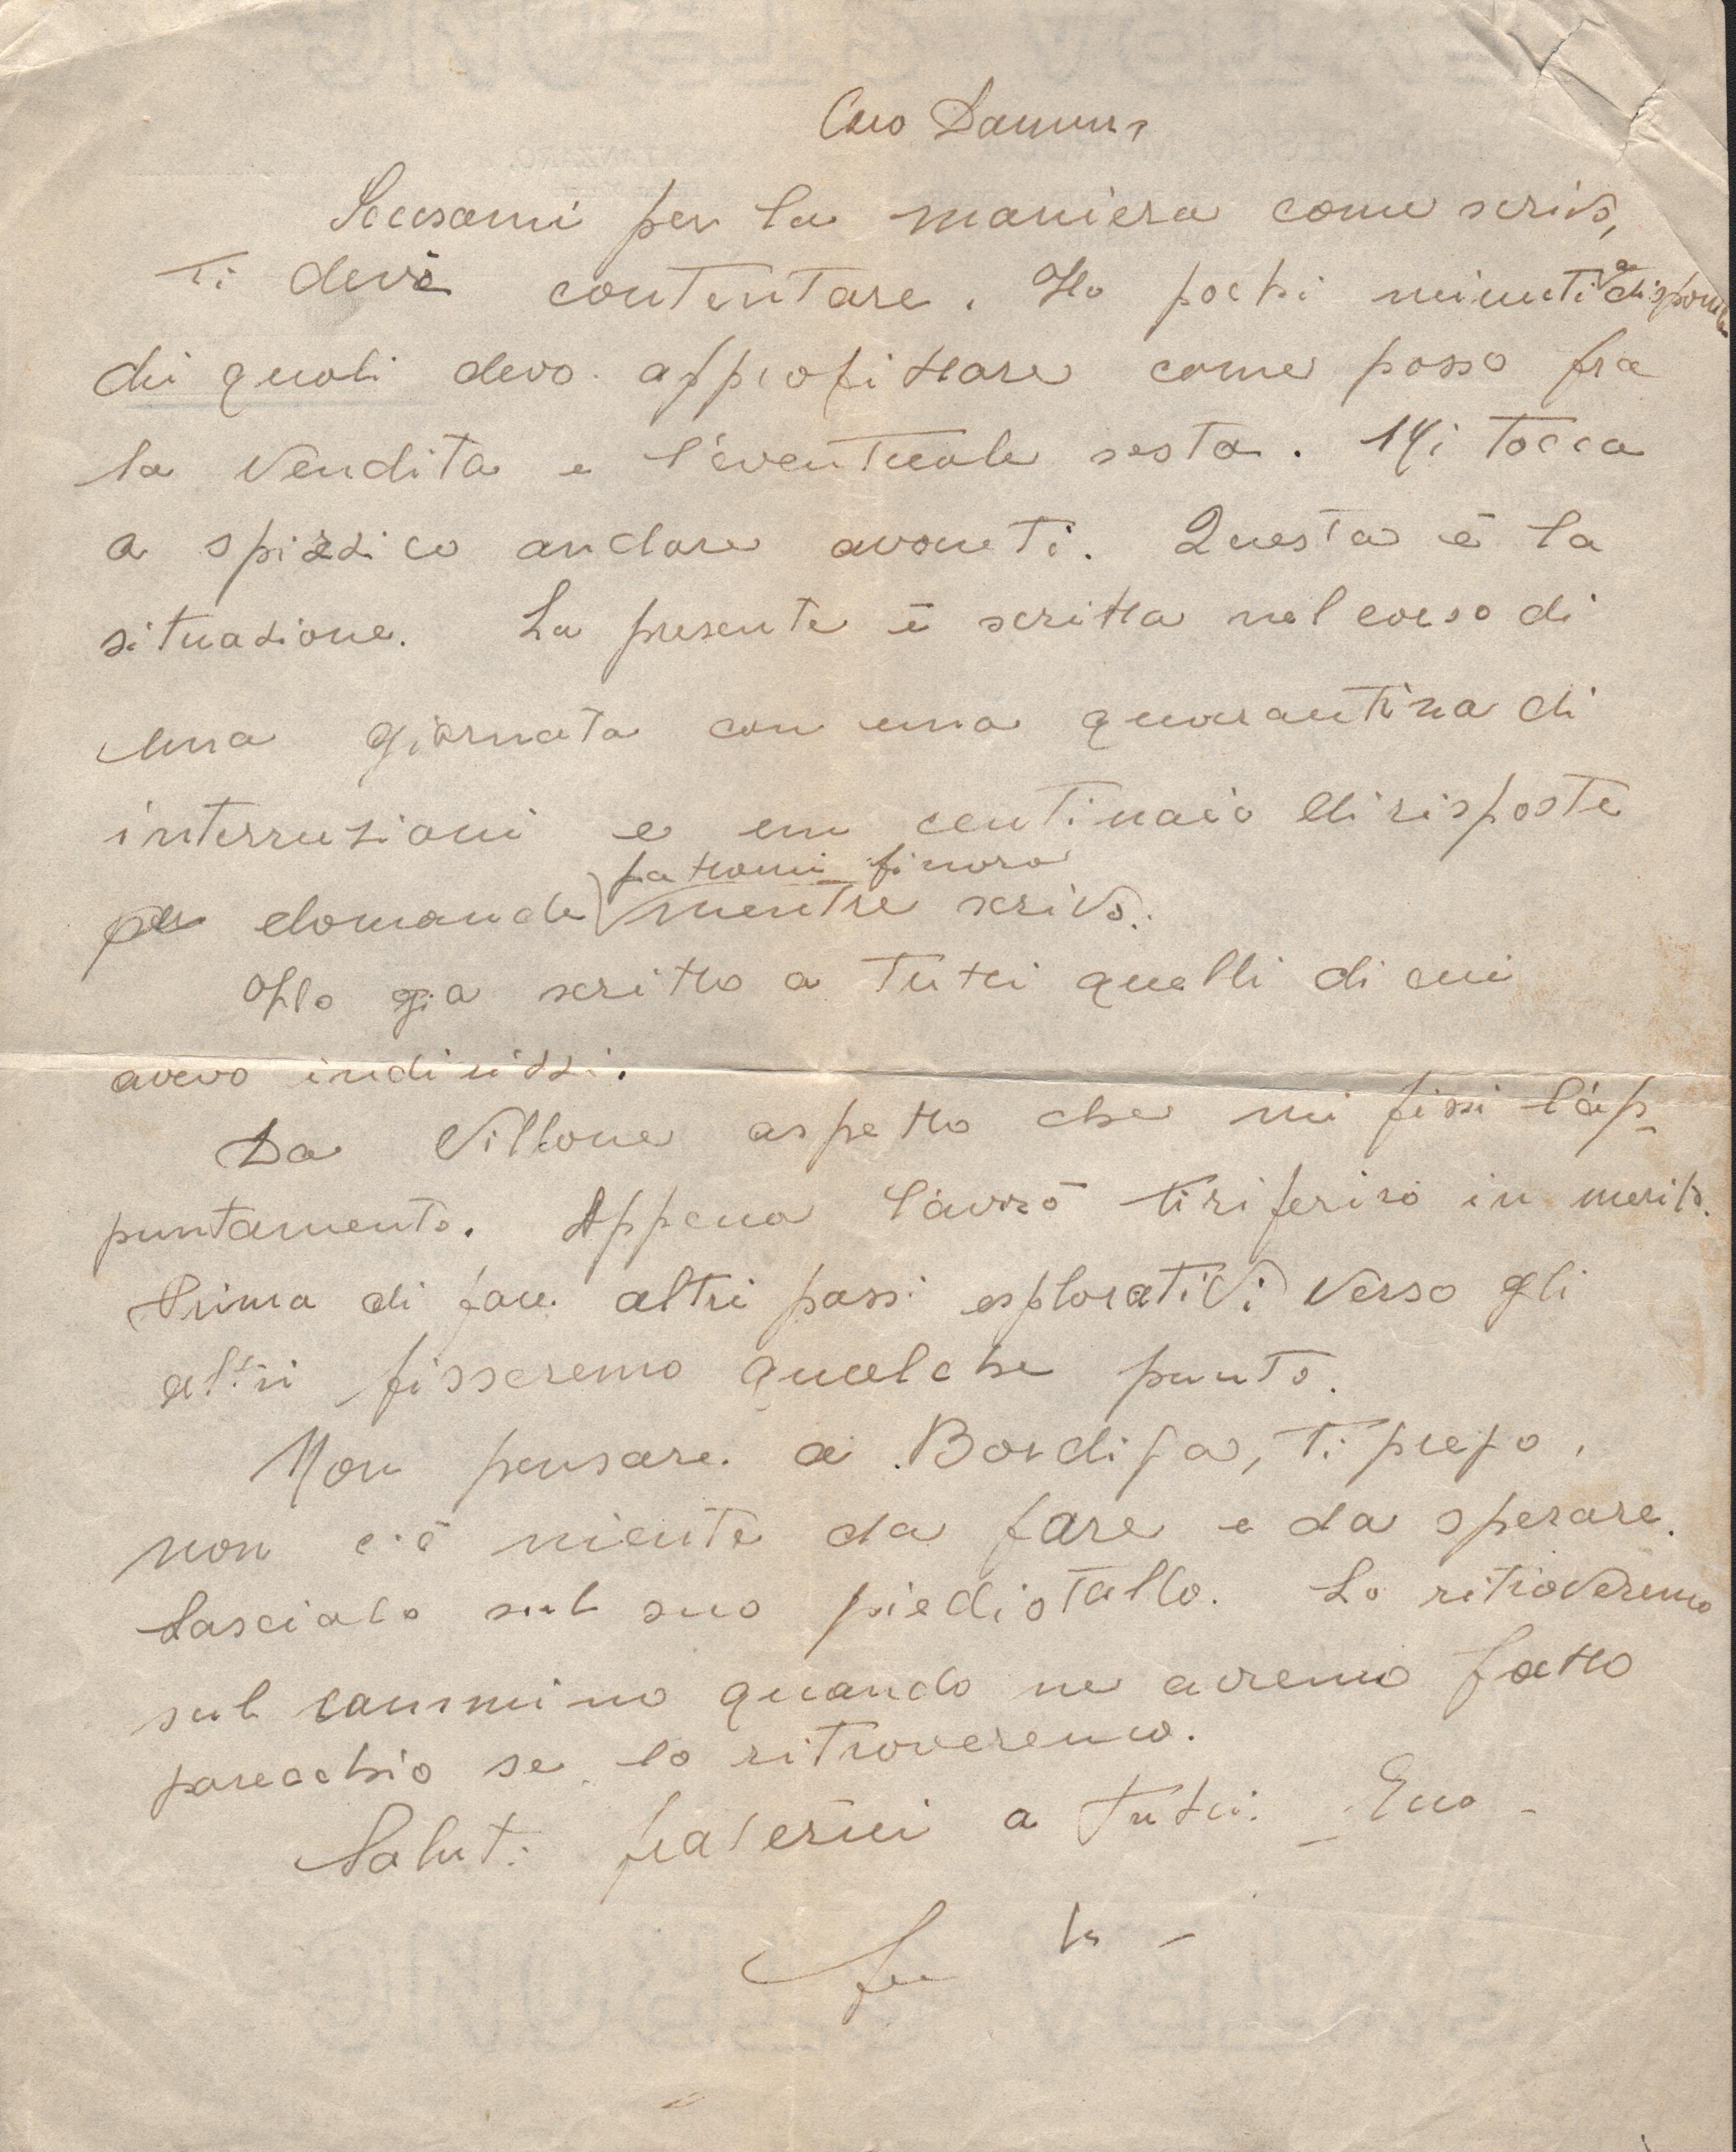 Lettere di Maruca - pag. 13